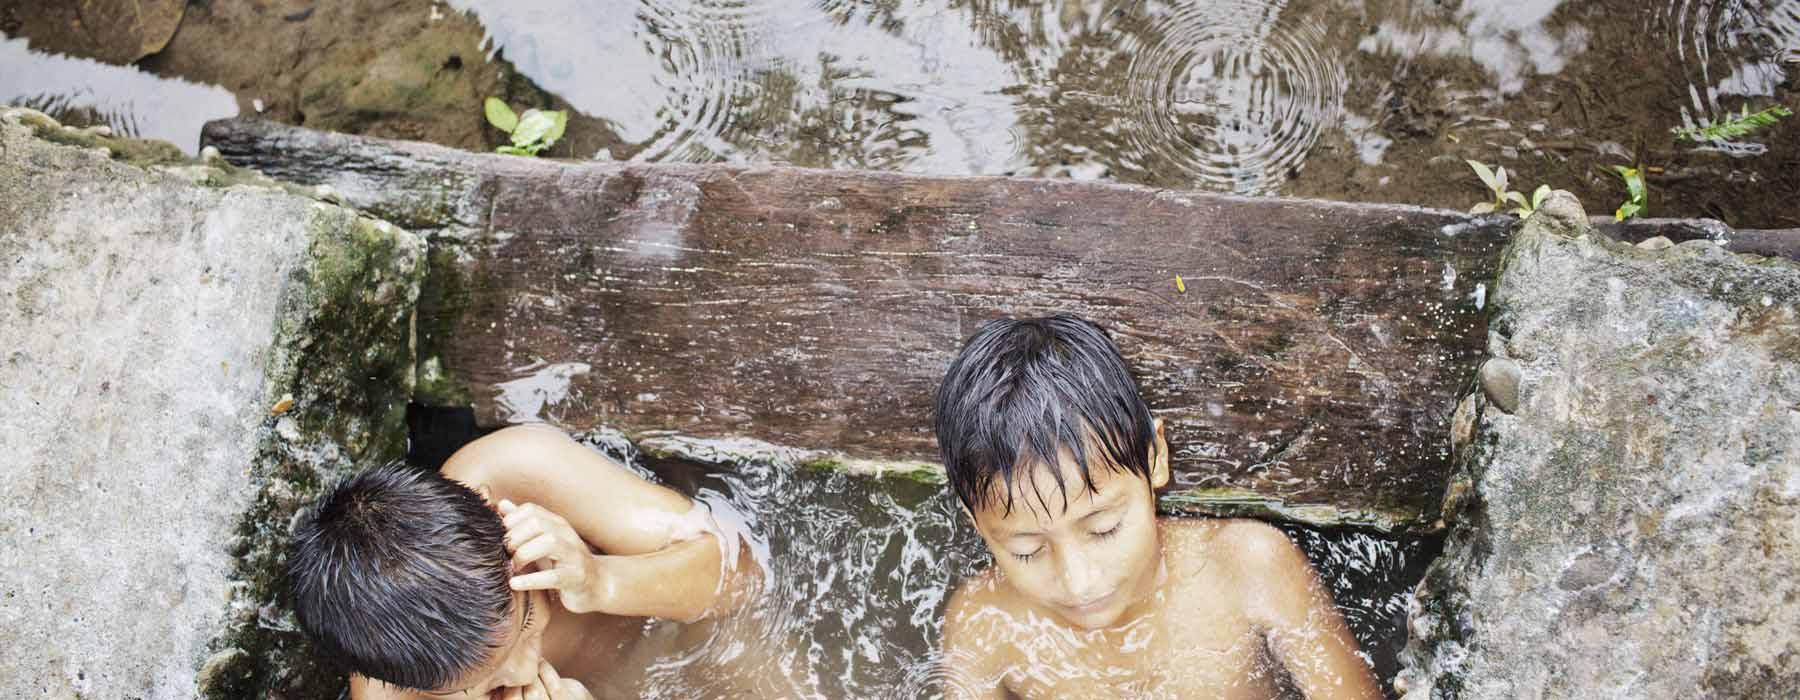 Amazonie :  menaces sur la forêt (vidéo)